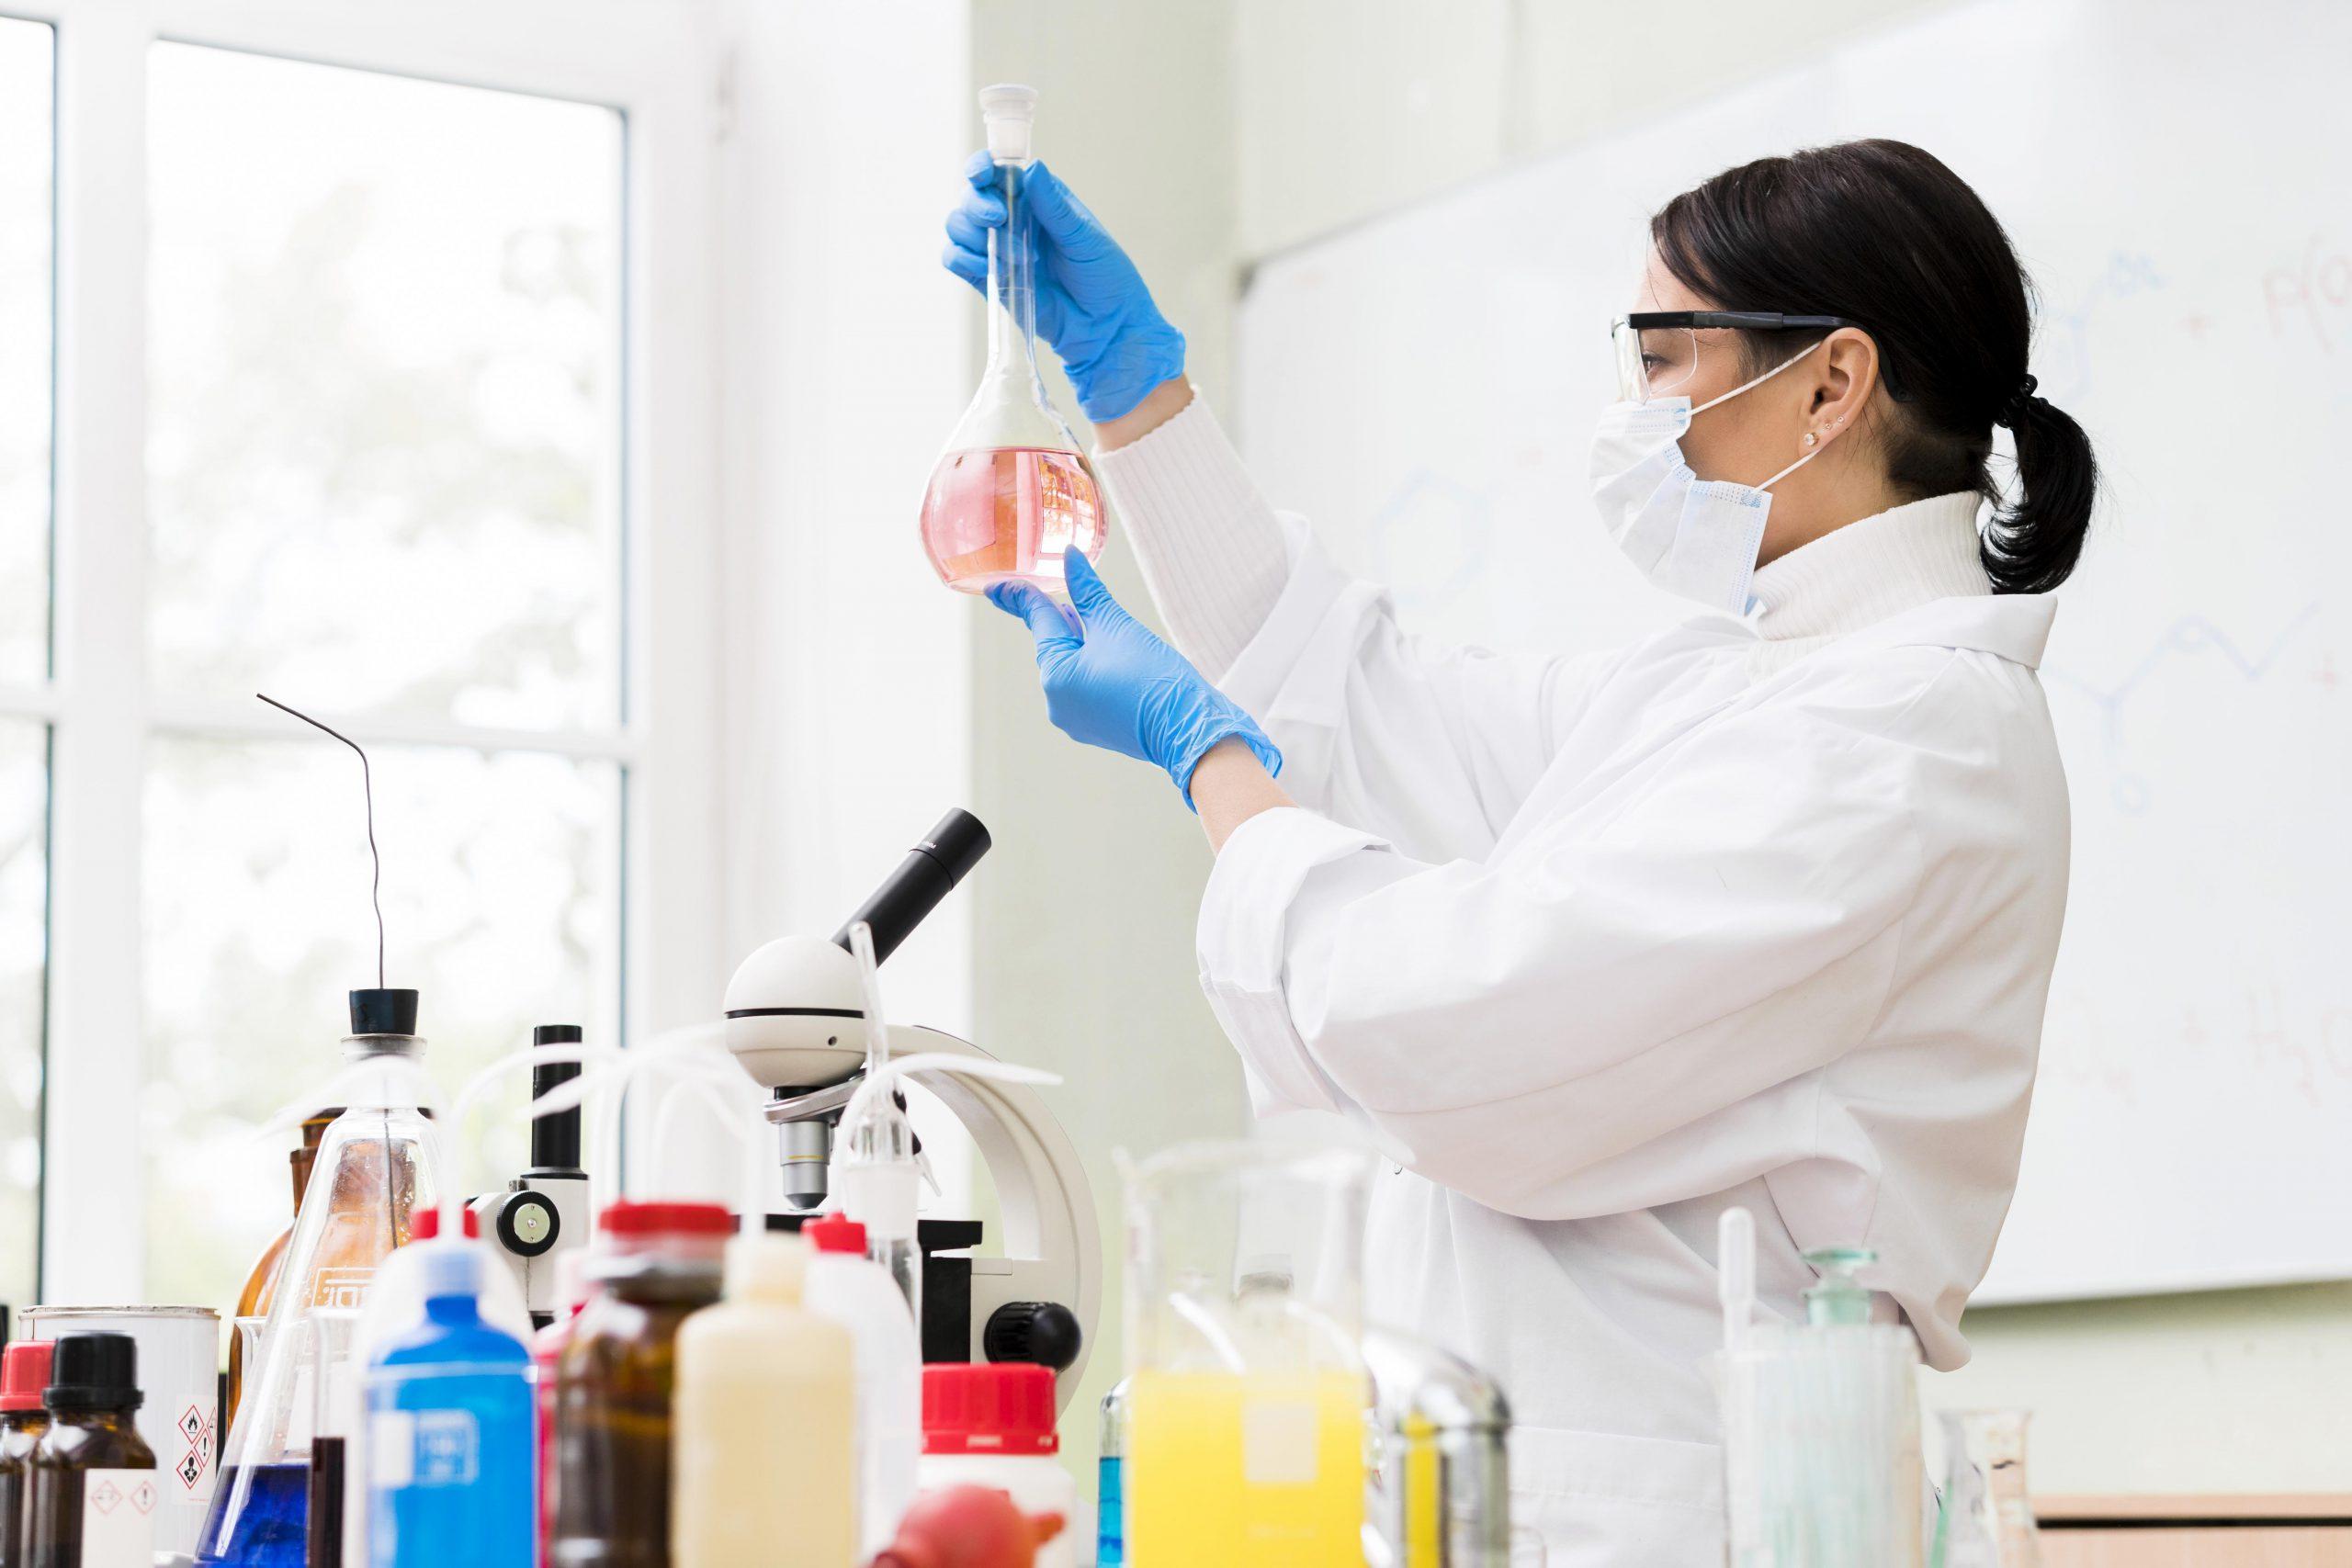 Offenbach sección quienes somos valores química mujer laboratorio